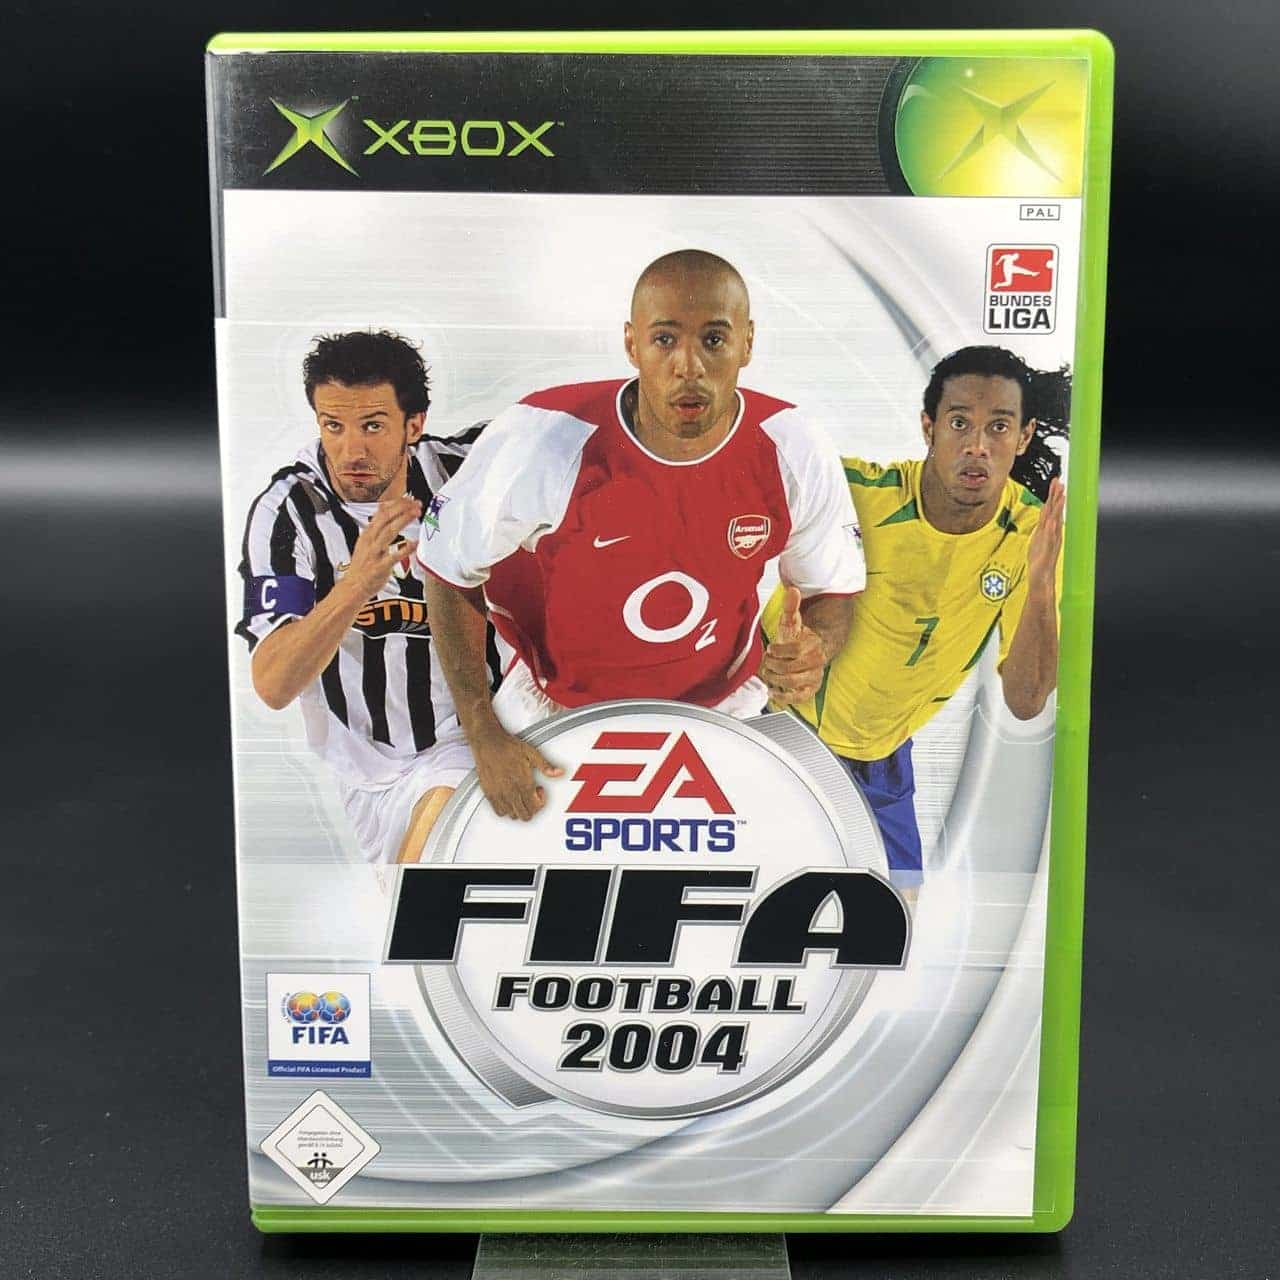 XBC FIFA Football 2004 (Komplett) (Sehr gut) Microsoft Xbox Classic